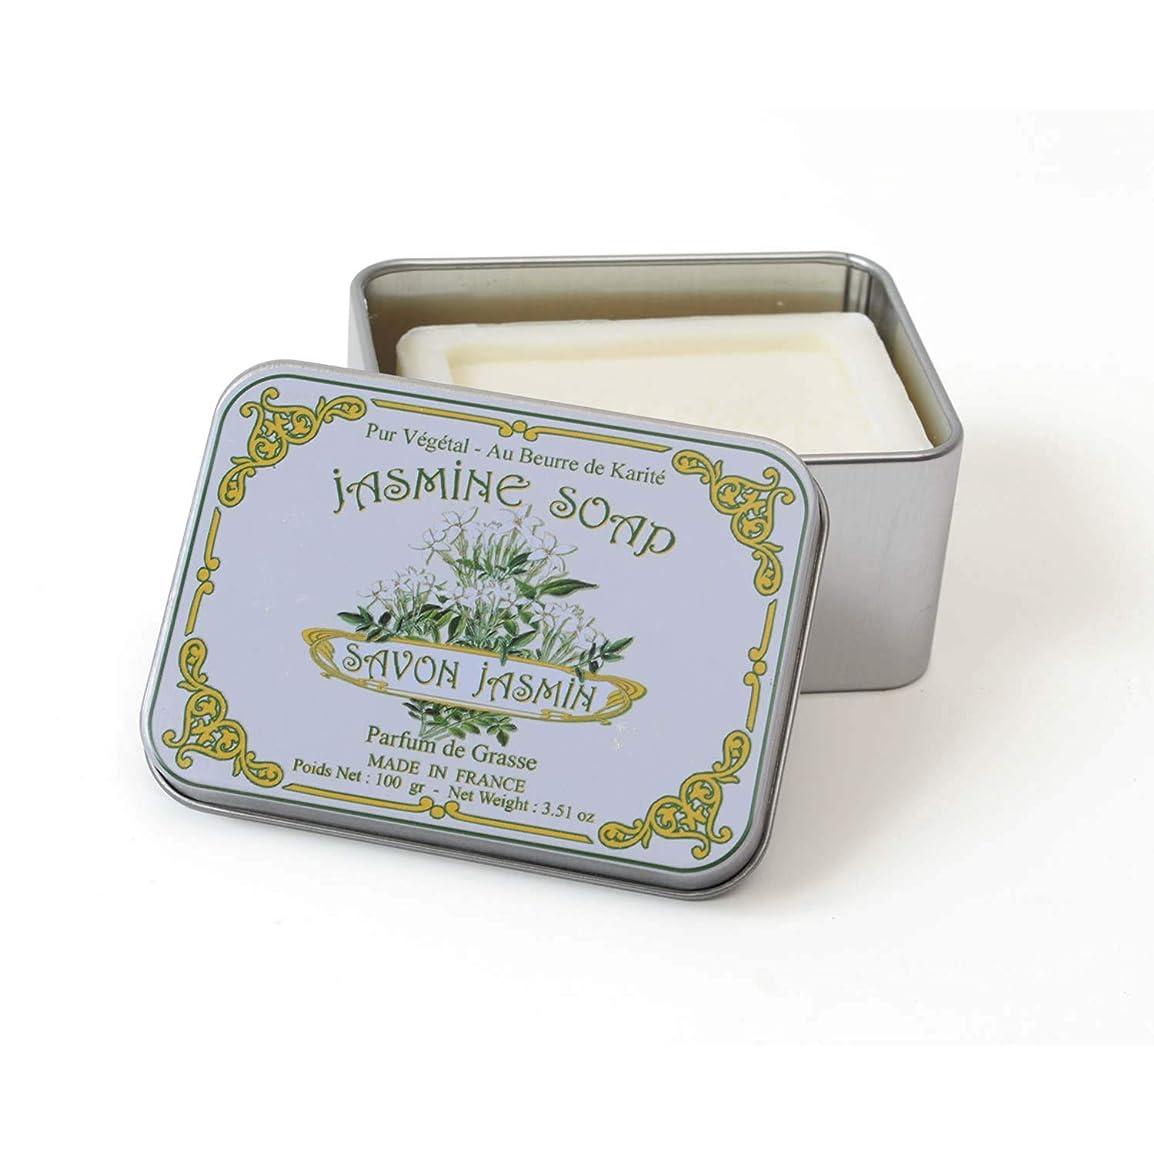 実験をする時制ボーナスLe Blanc ルブランソープ ジャ スミンの香り